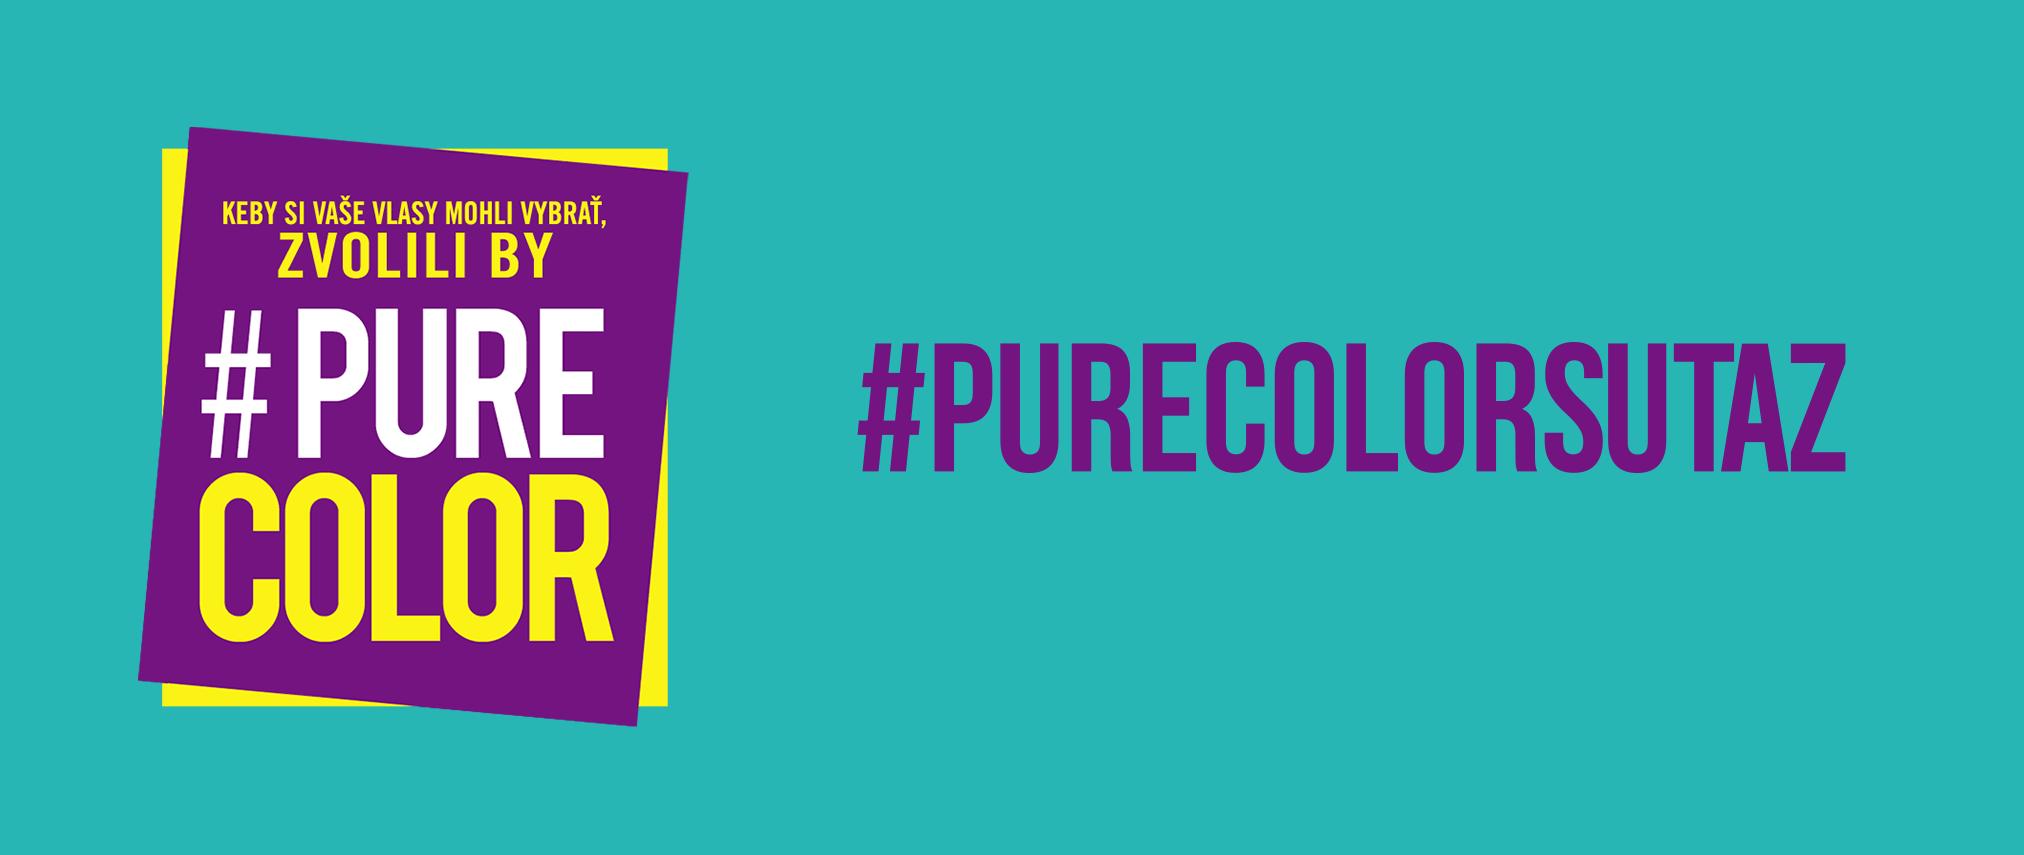 pure color